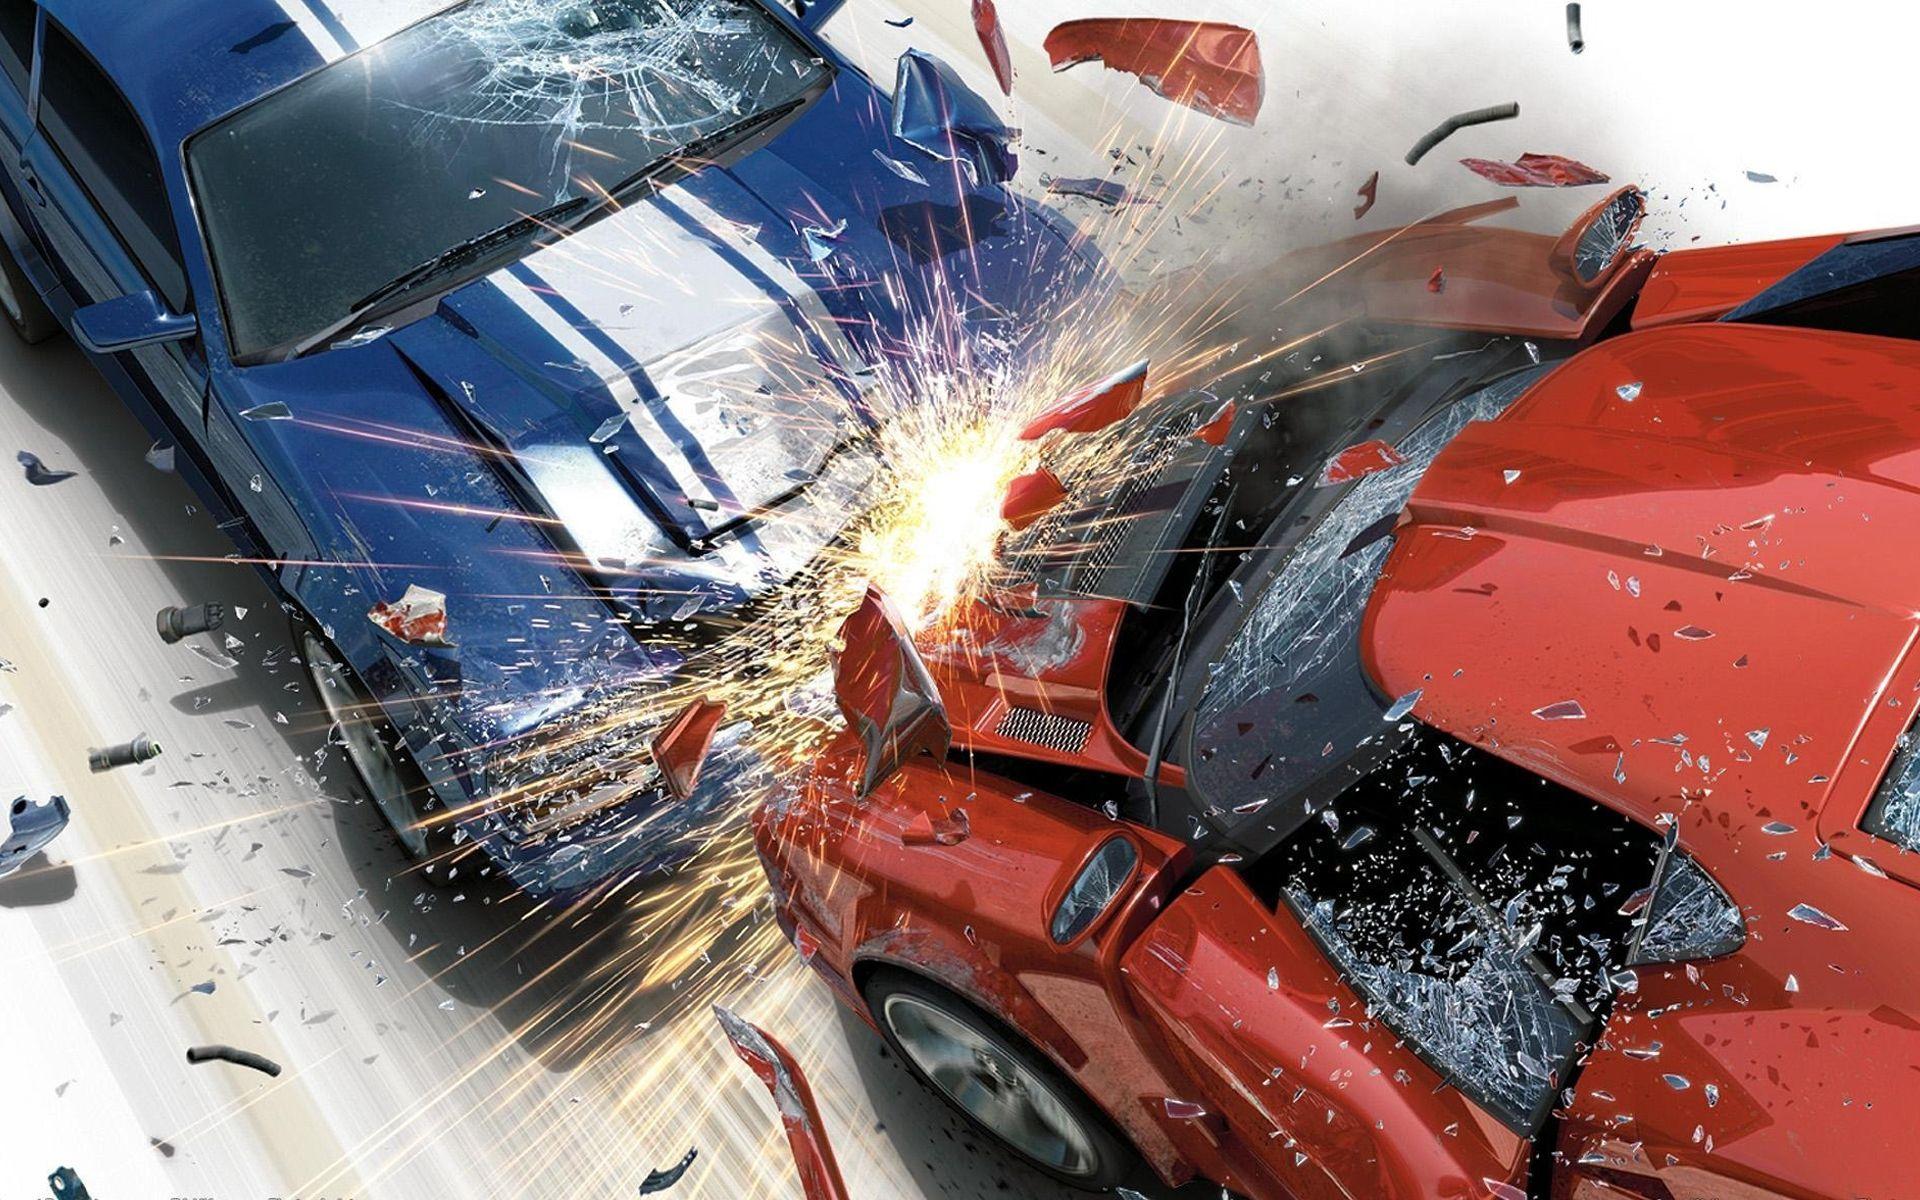 На симферопольской трассе произошло смертельное столкновение автомобилей